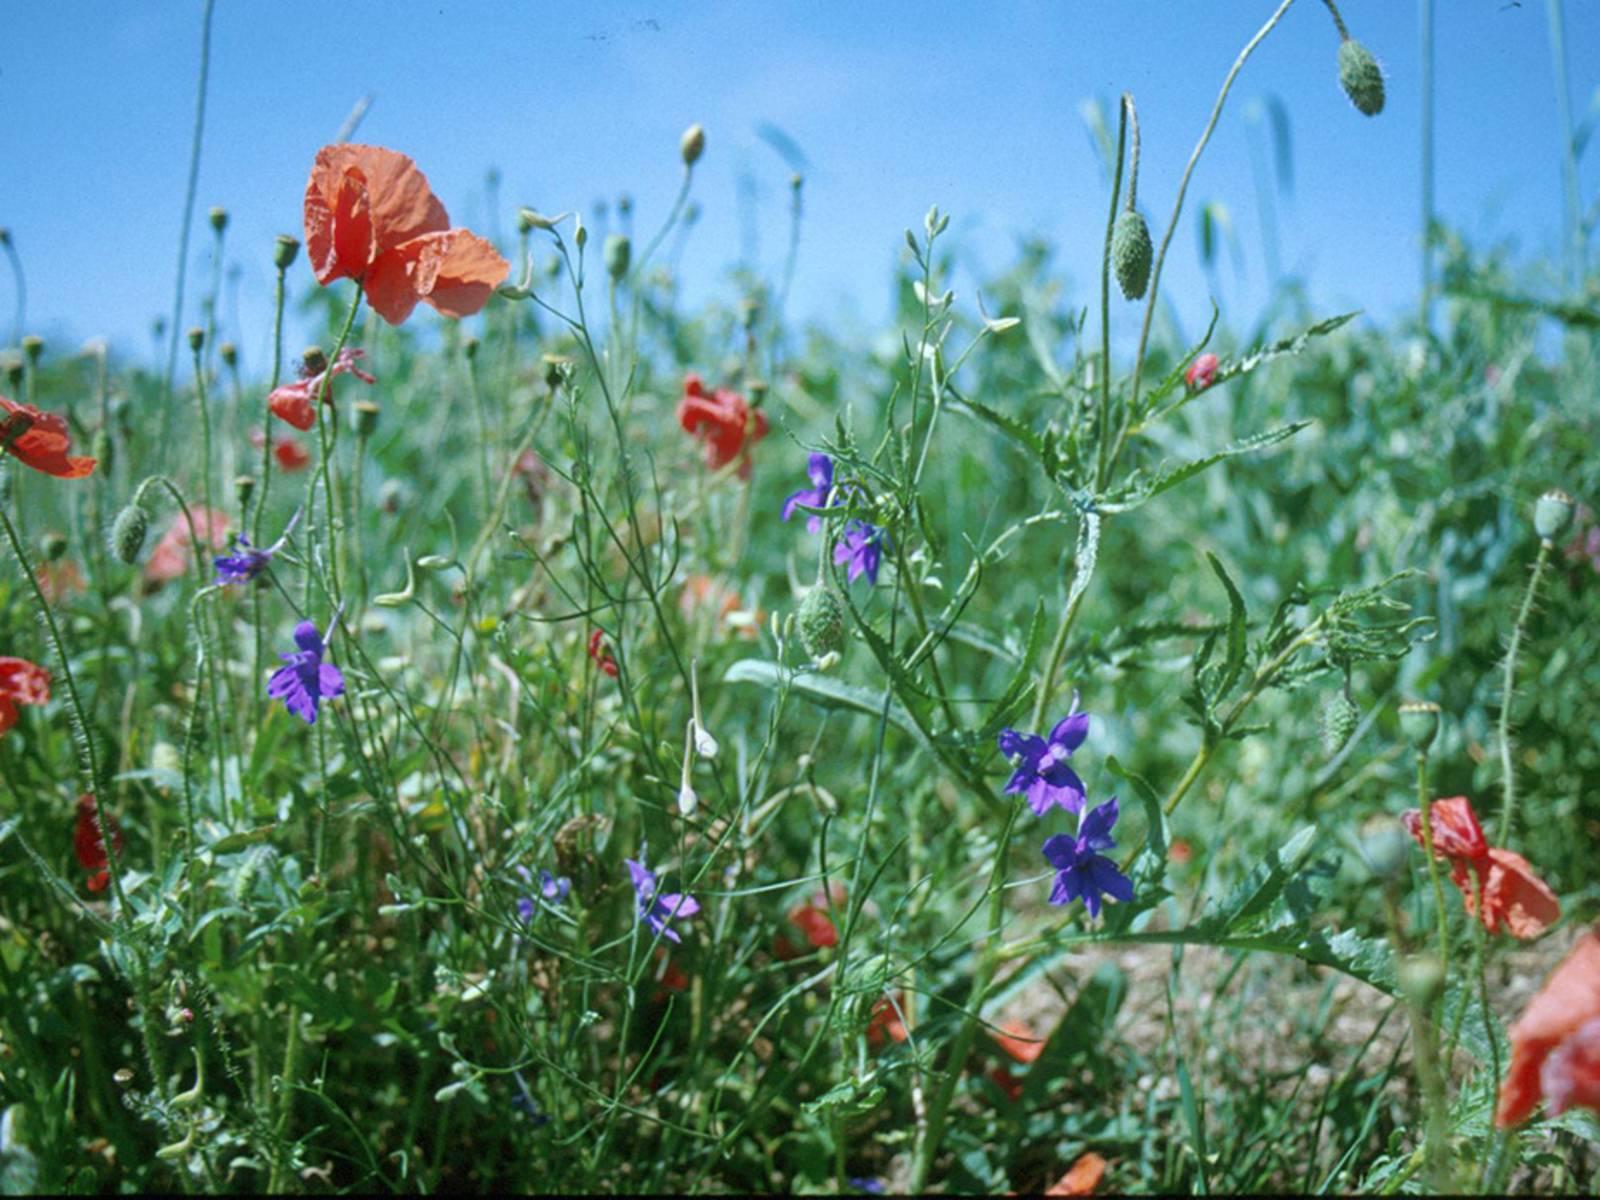 Mohnblumen und Ackerwinde auf einem Feld.